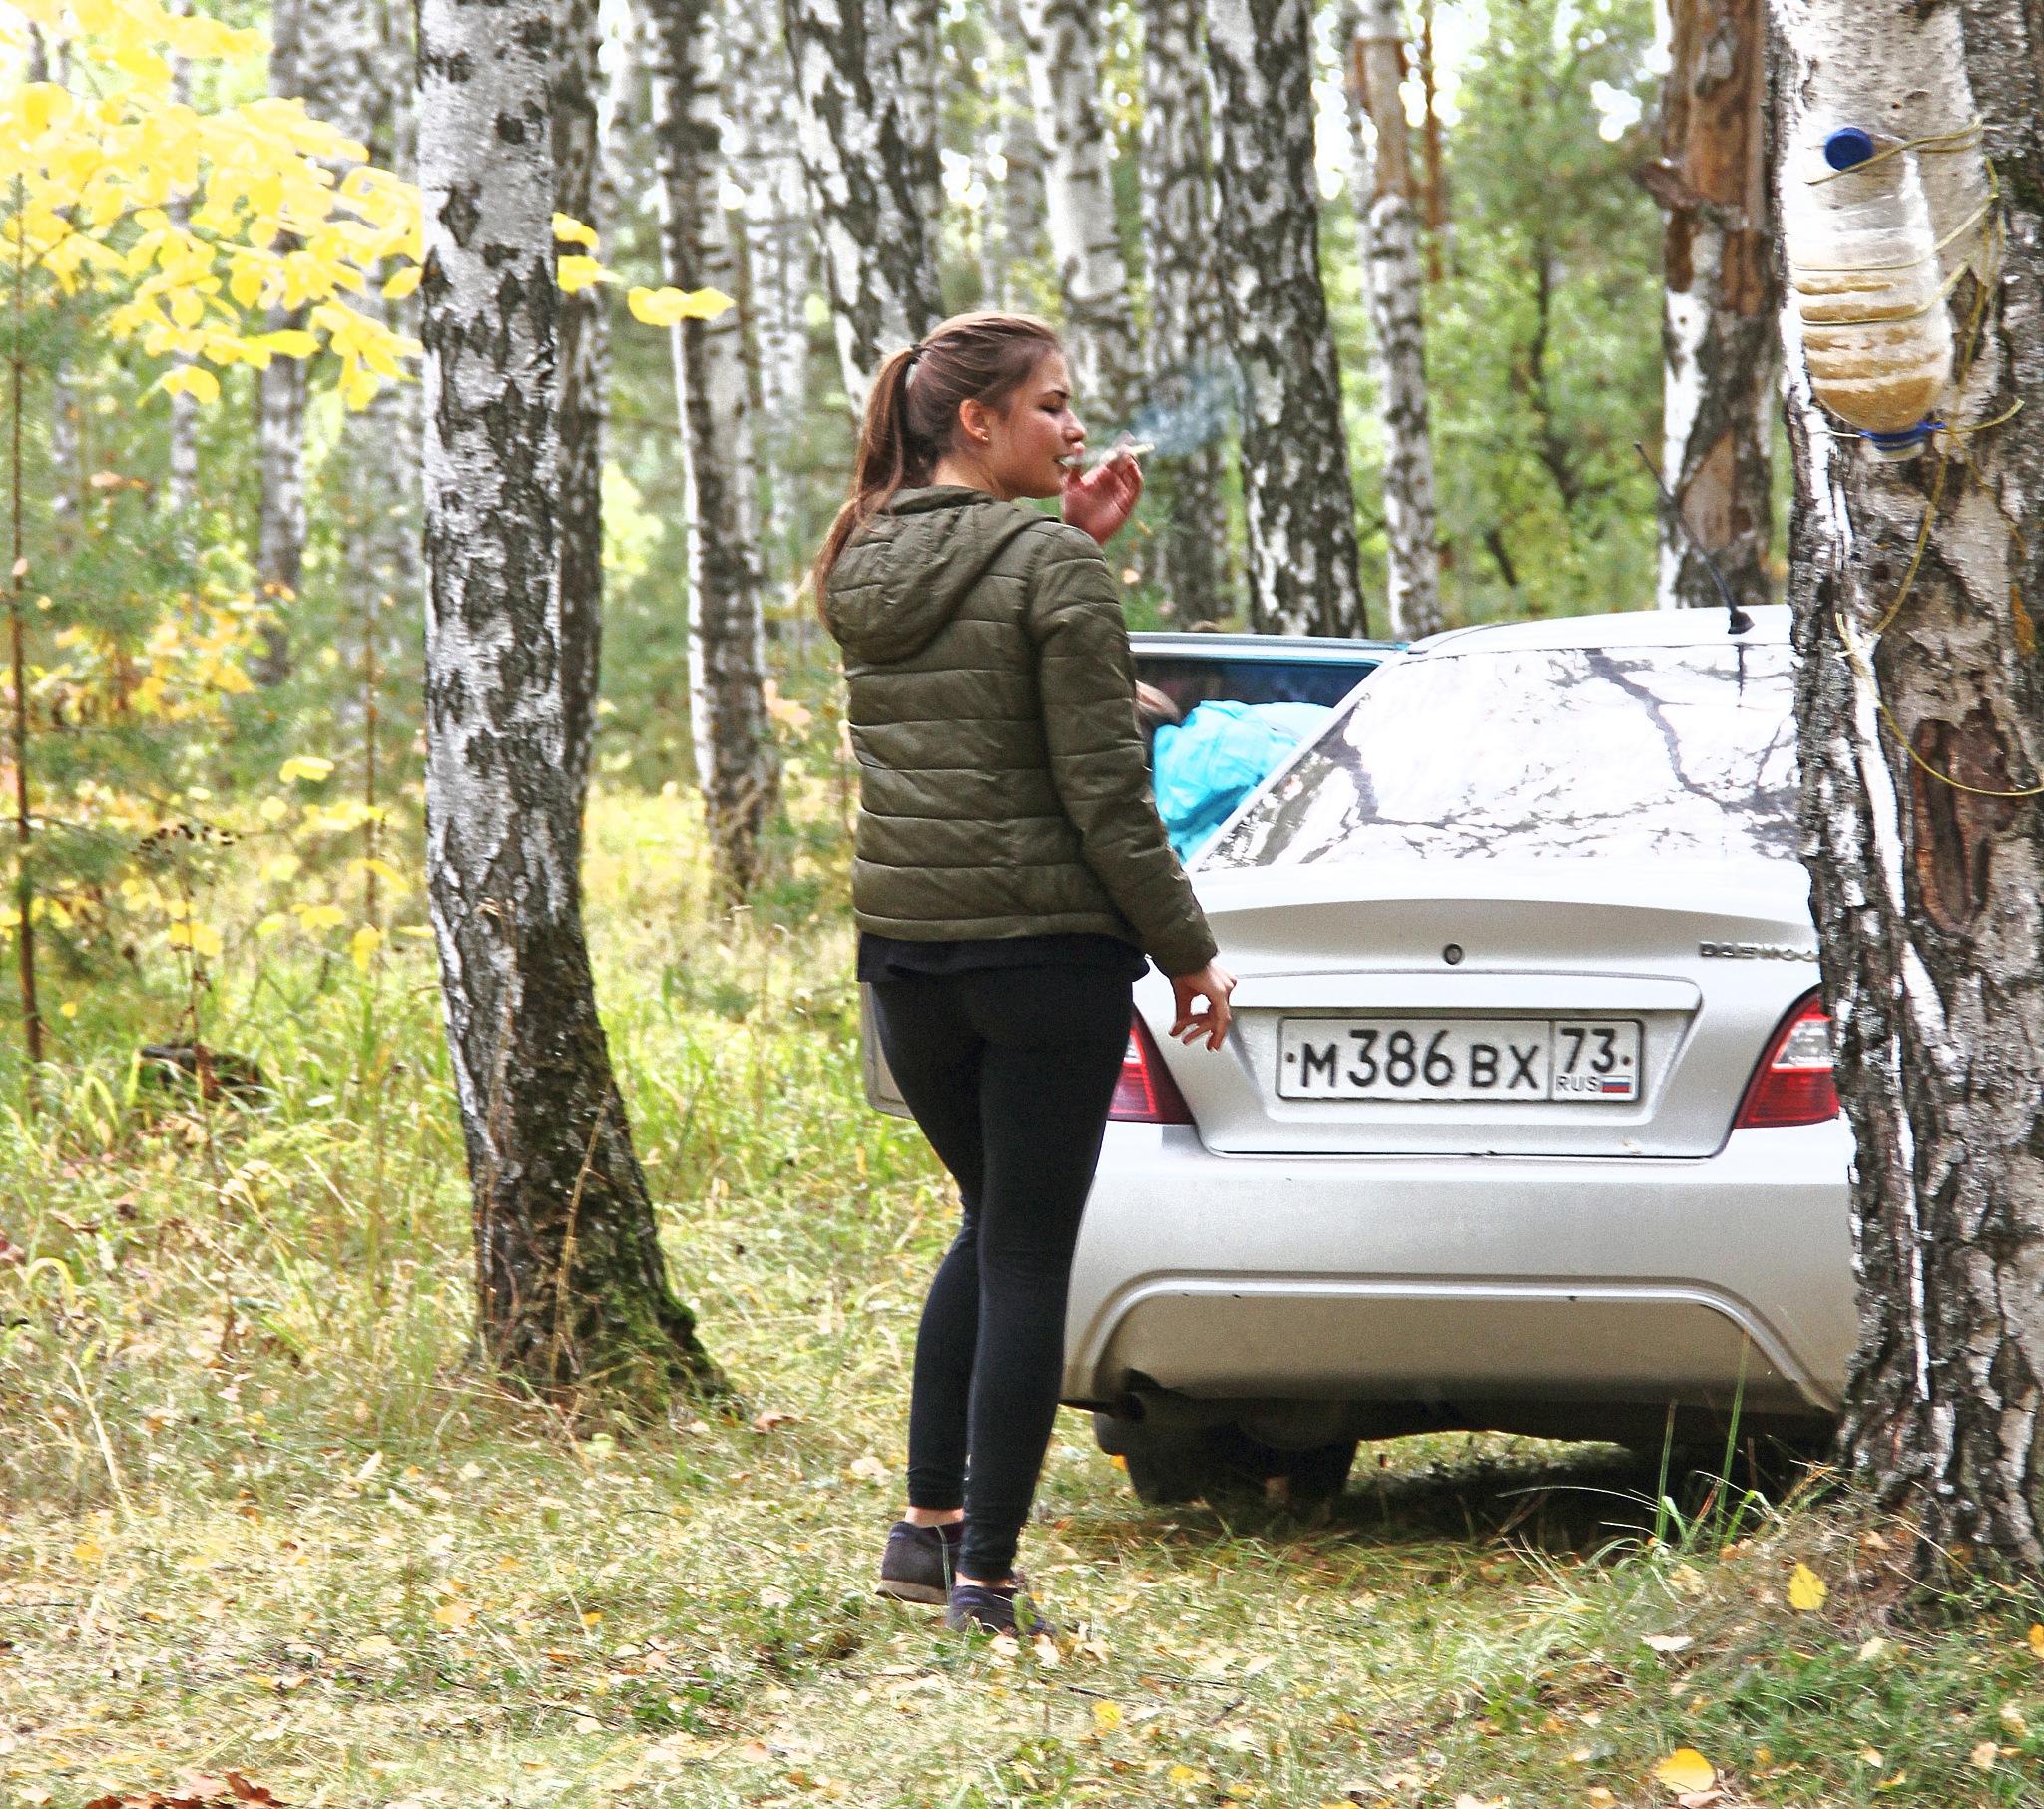 Yulija in the forest by Сергей Юрьев